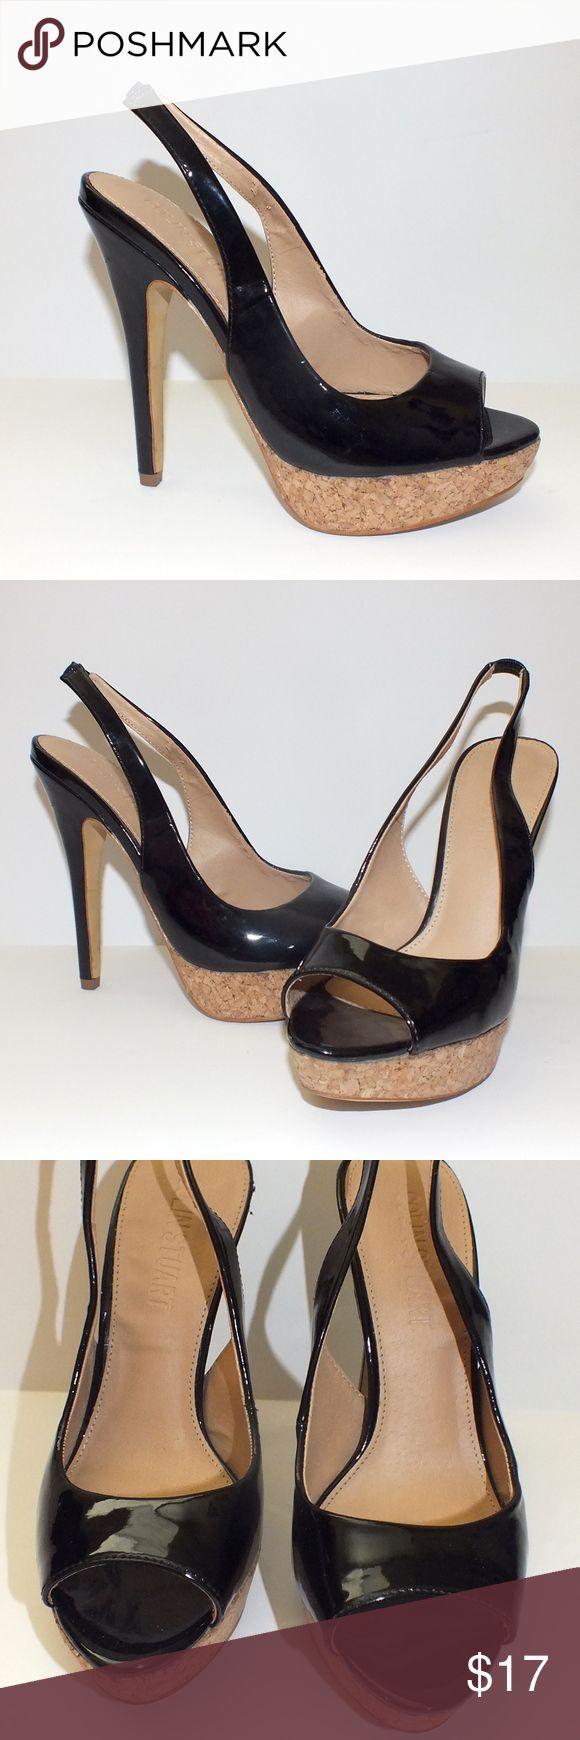 """Colin Stuart Cork Platform Slingback Sandal Size 6, patent black leather and cork platform.  4"""" heel. Colin Stuart Shoes Heels"""